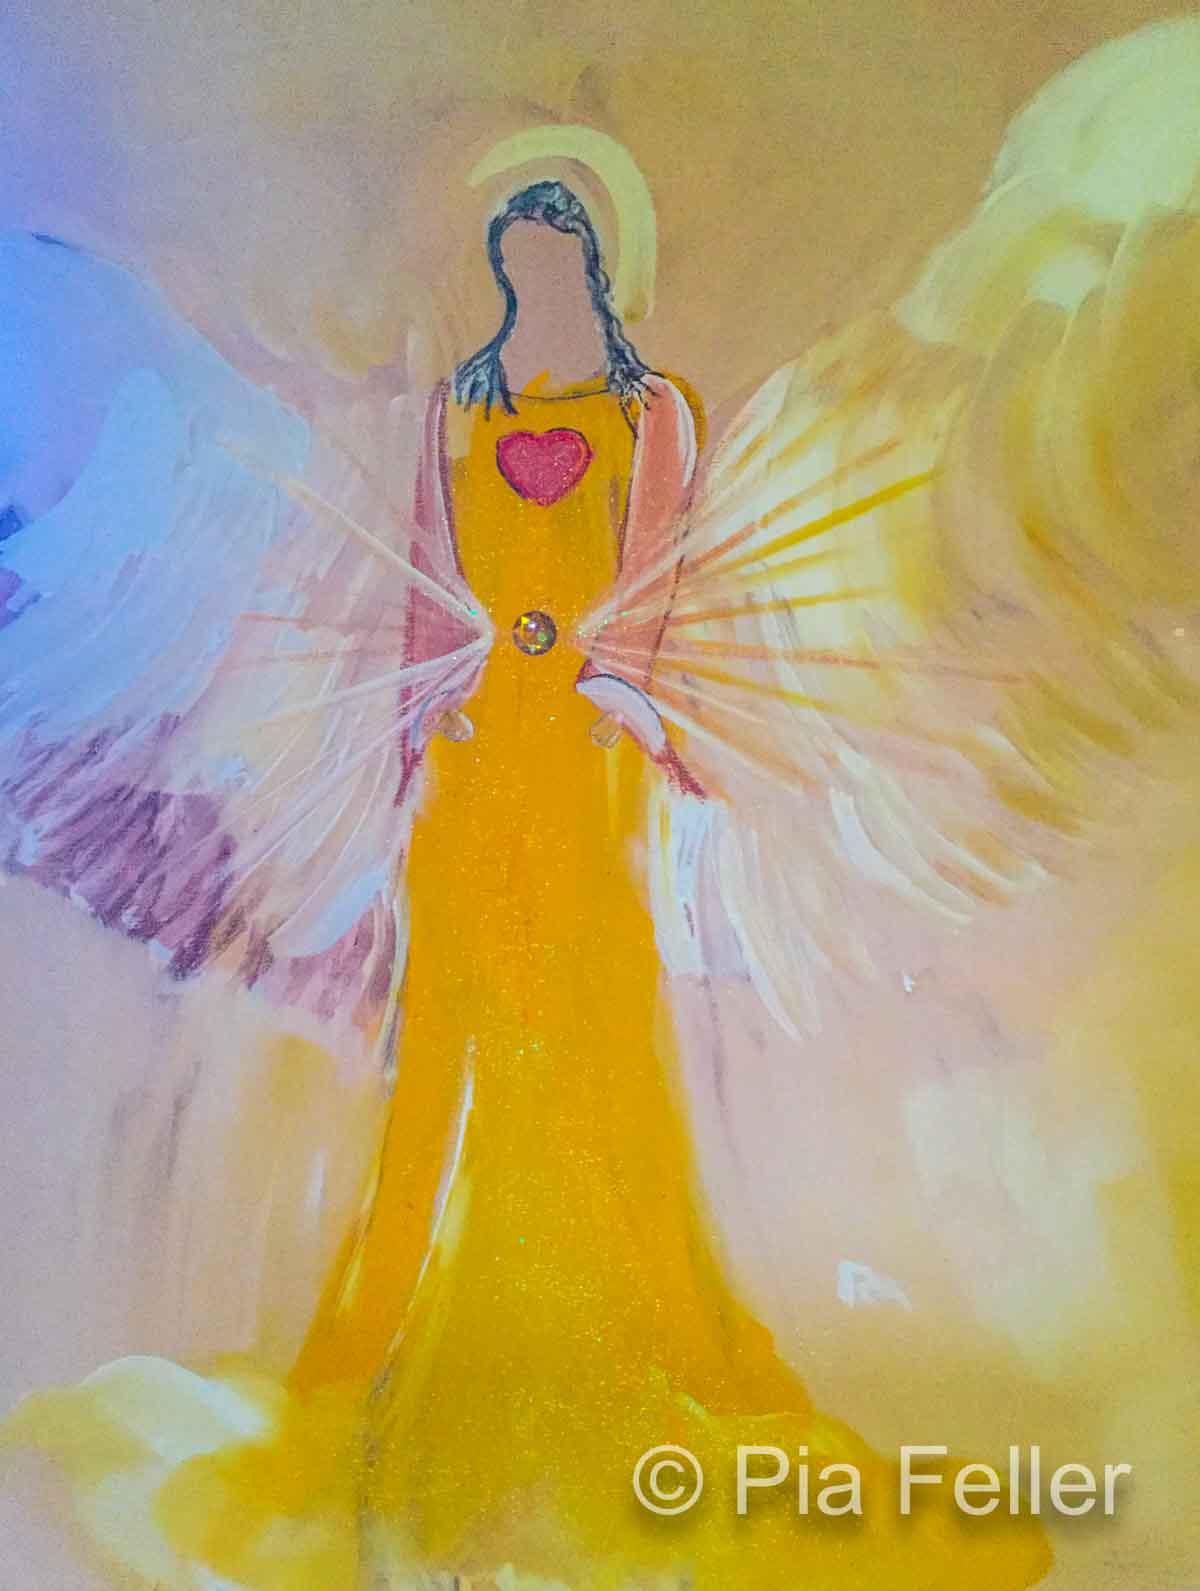 engel-selber-gemalt-2